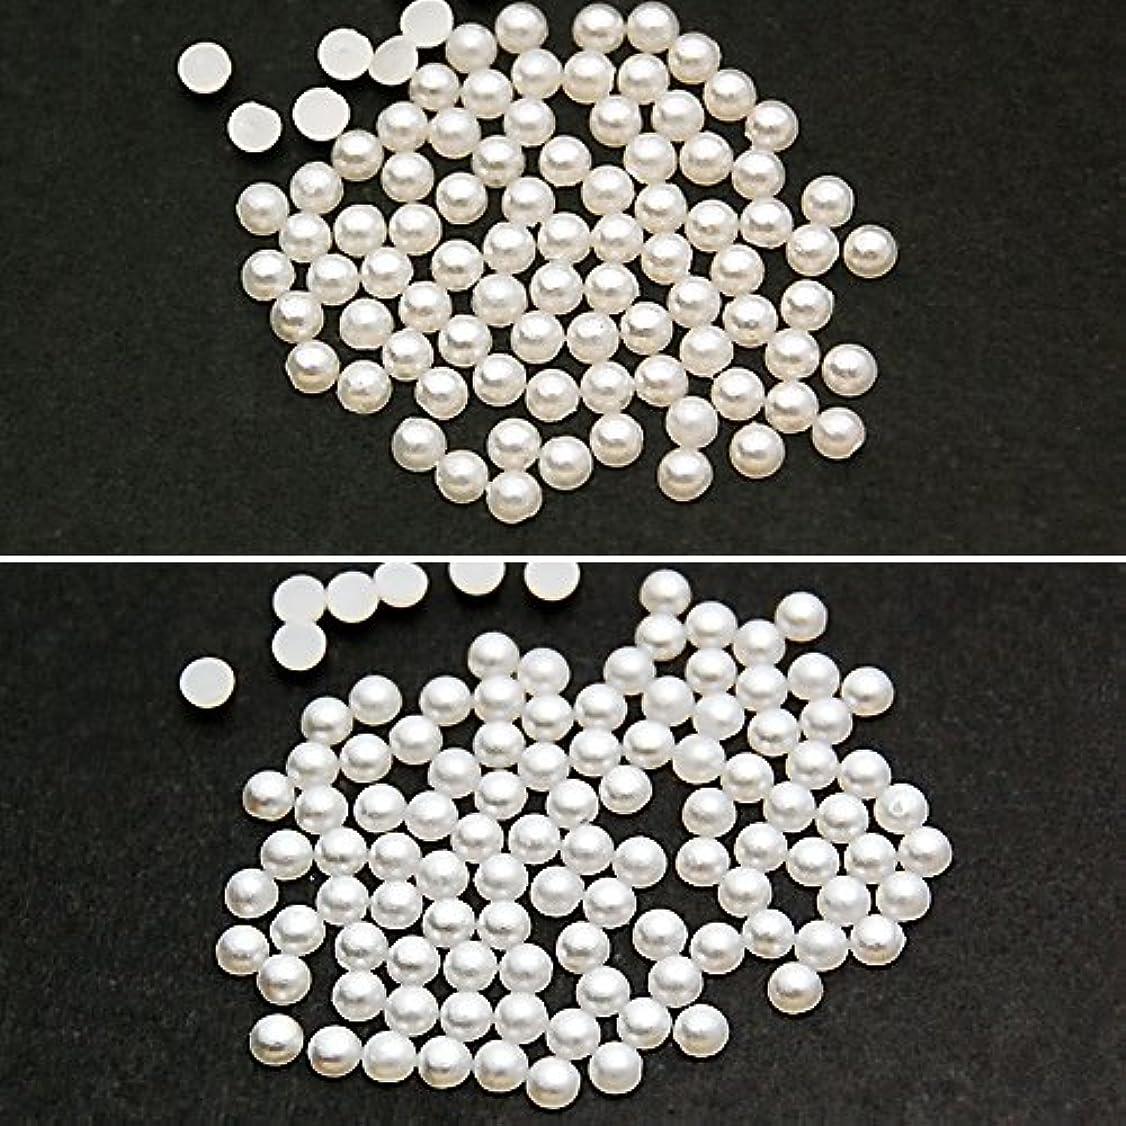 賃金痛いイベントパールストーン 丸半2mm 800粒 ホワイト